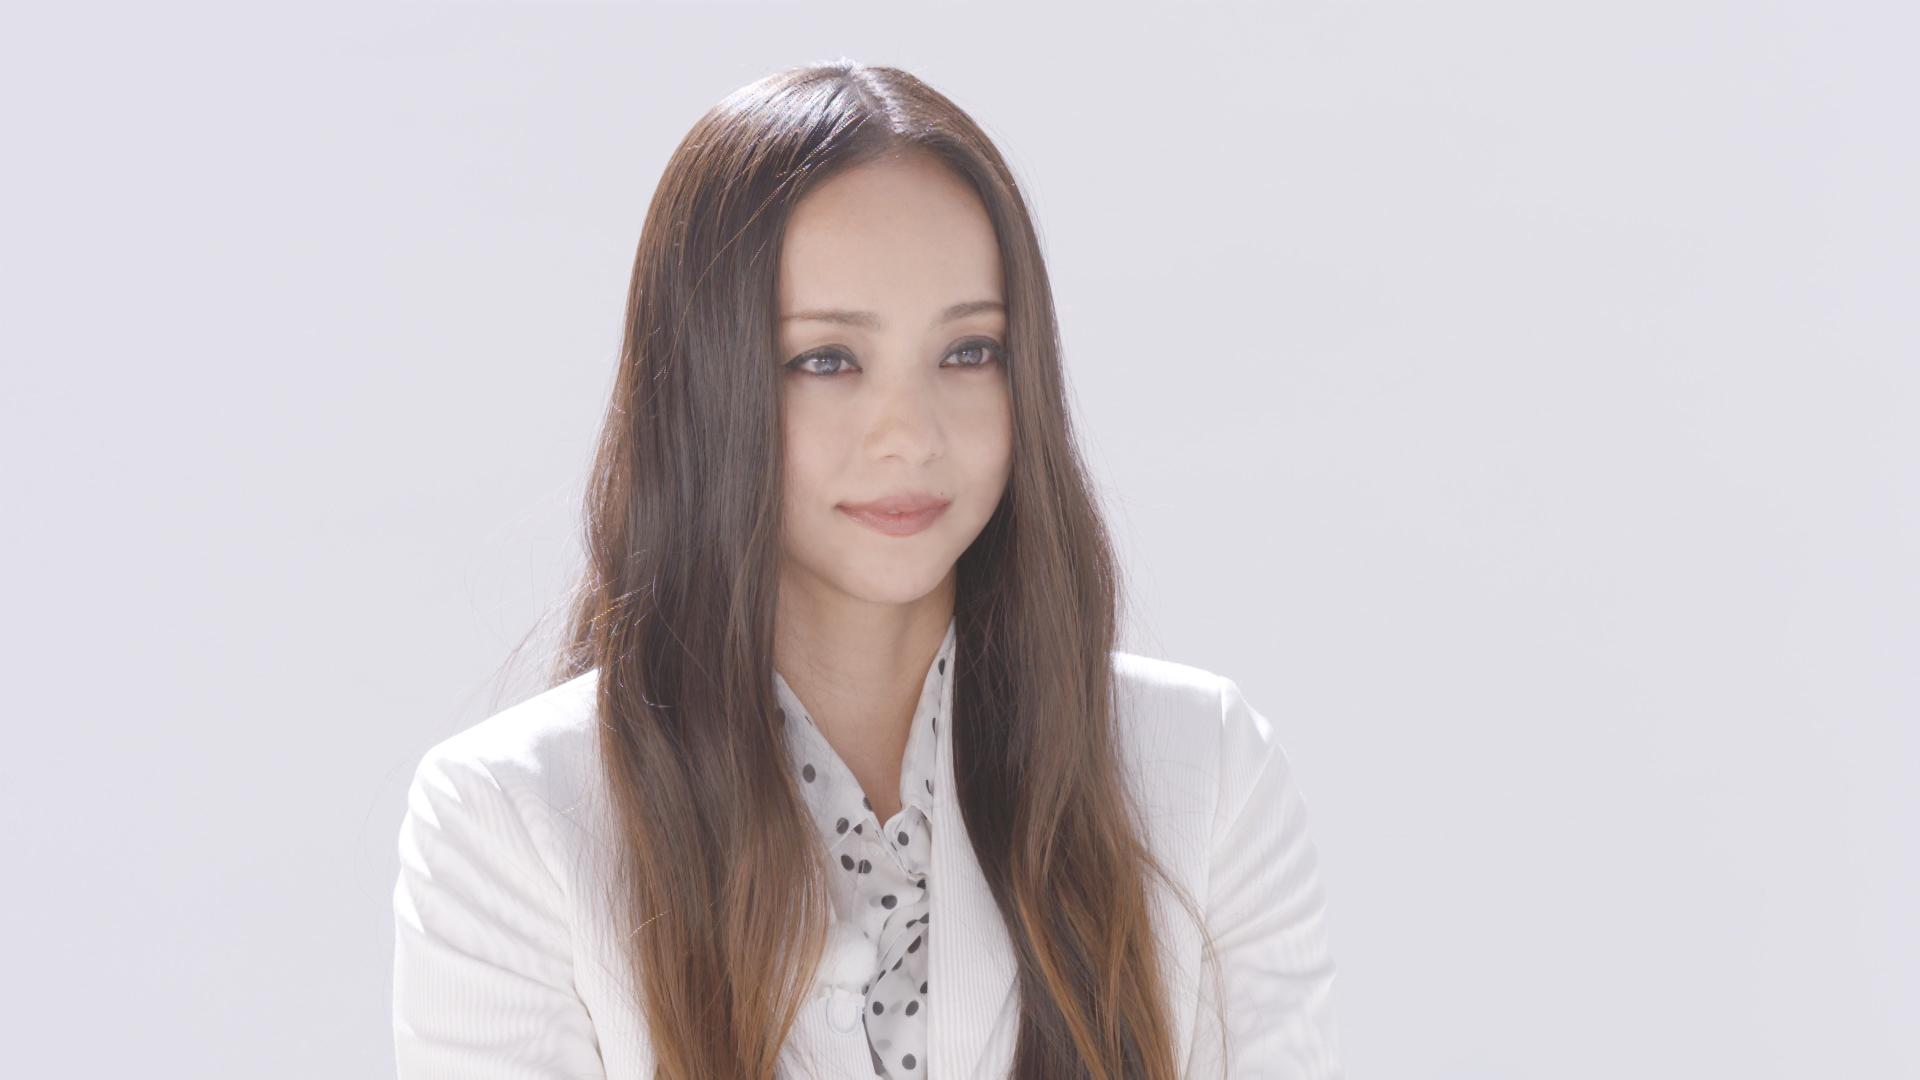 安室奈美恵のファンラビングバーはどこ?料金や場所を紹介!